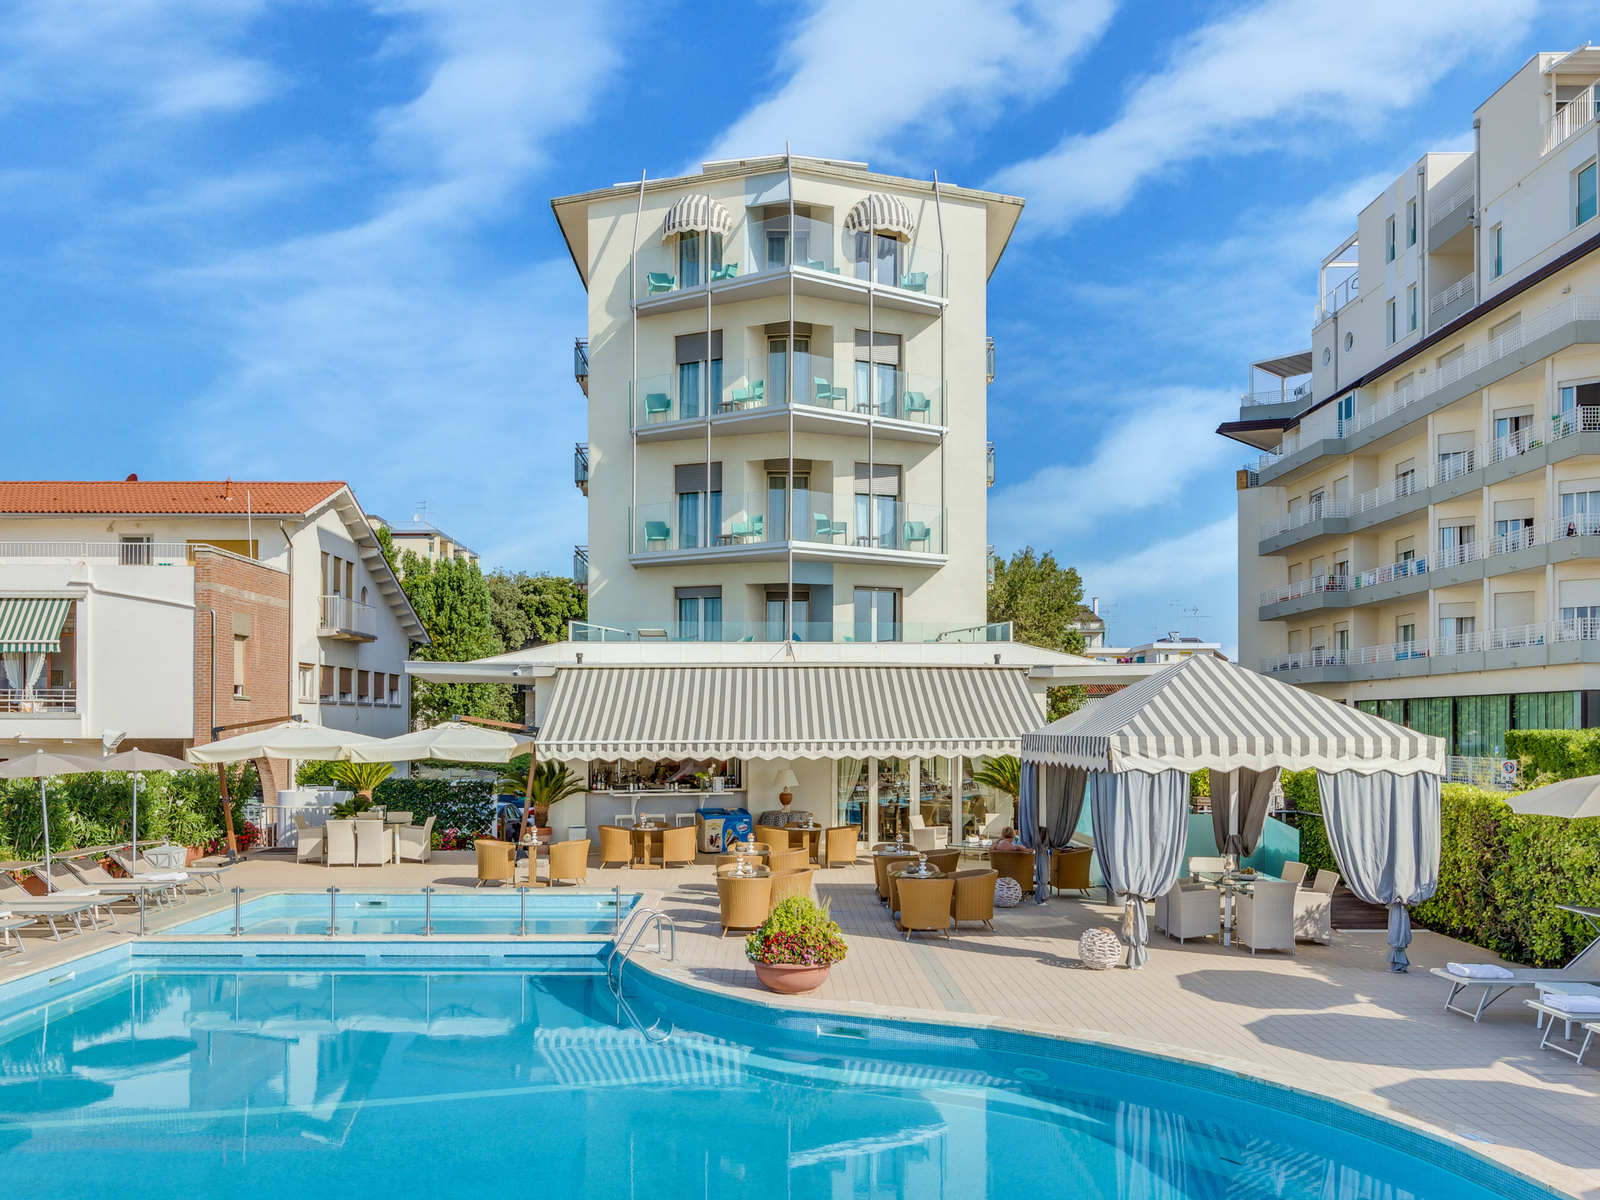 Hotel delle mimose jesolo hotel reservation hotel 3 stelle a jesolo fronte mare con piscina - Hotel jesolo con piscina fronte mare ...